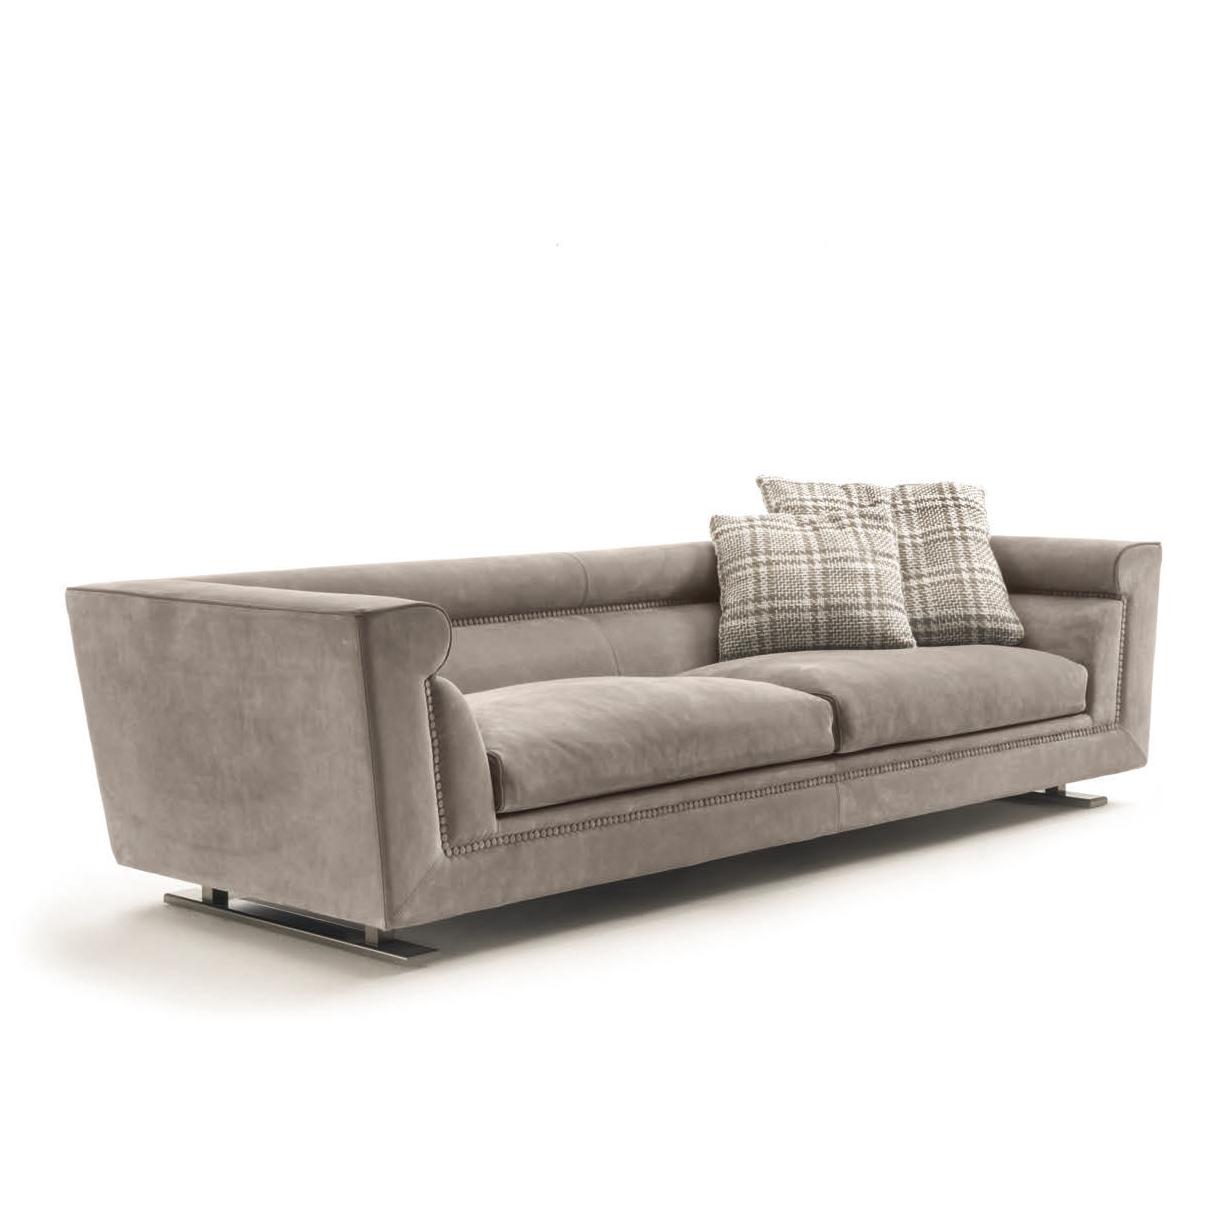 Luxury Italian Designer Ansel Sofa Italian Designer Luxury Furniture At Cassoni